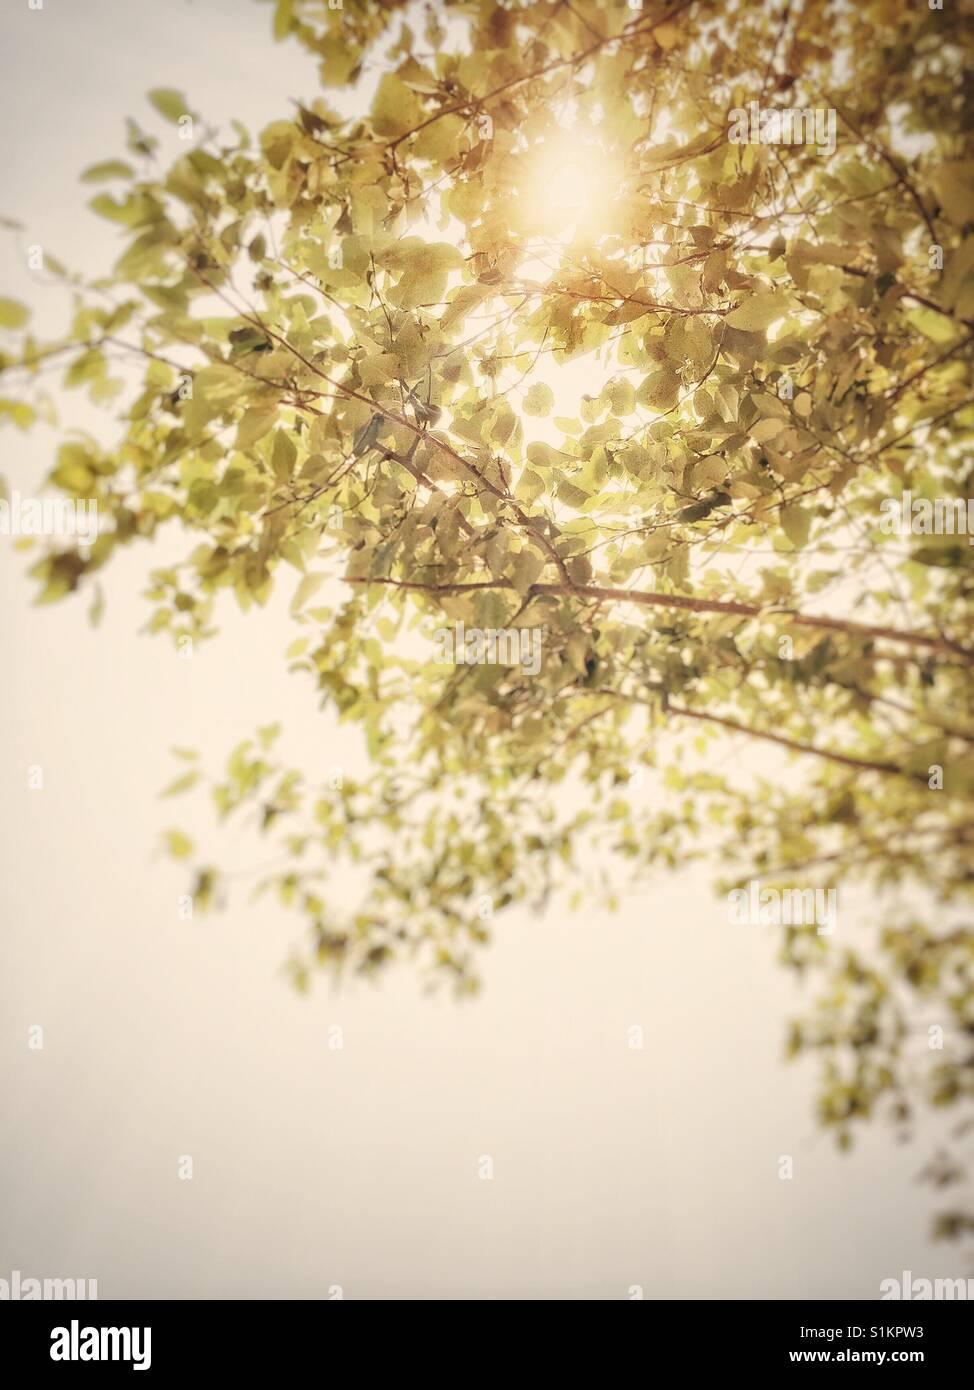 Zusammenfassung der Baum verlässt Hintergrundbeleuchtung durch Sonne unter einem dunstigen Himmel. Stockfoto